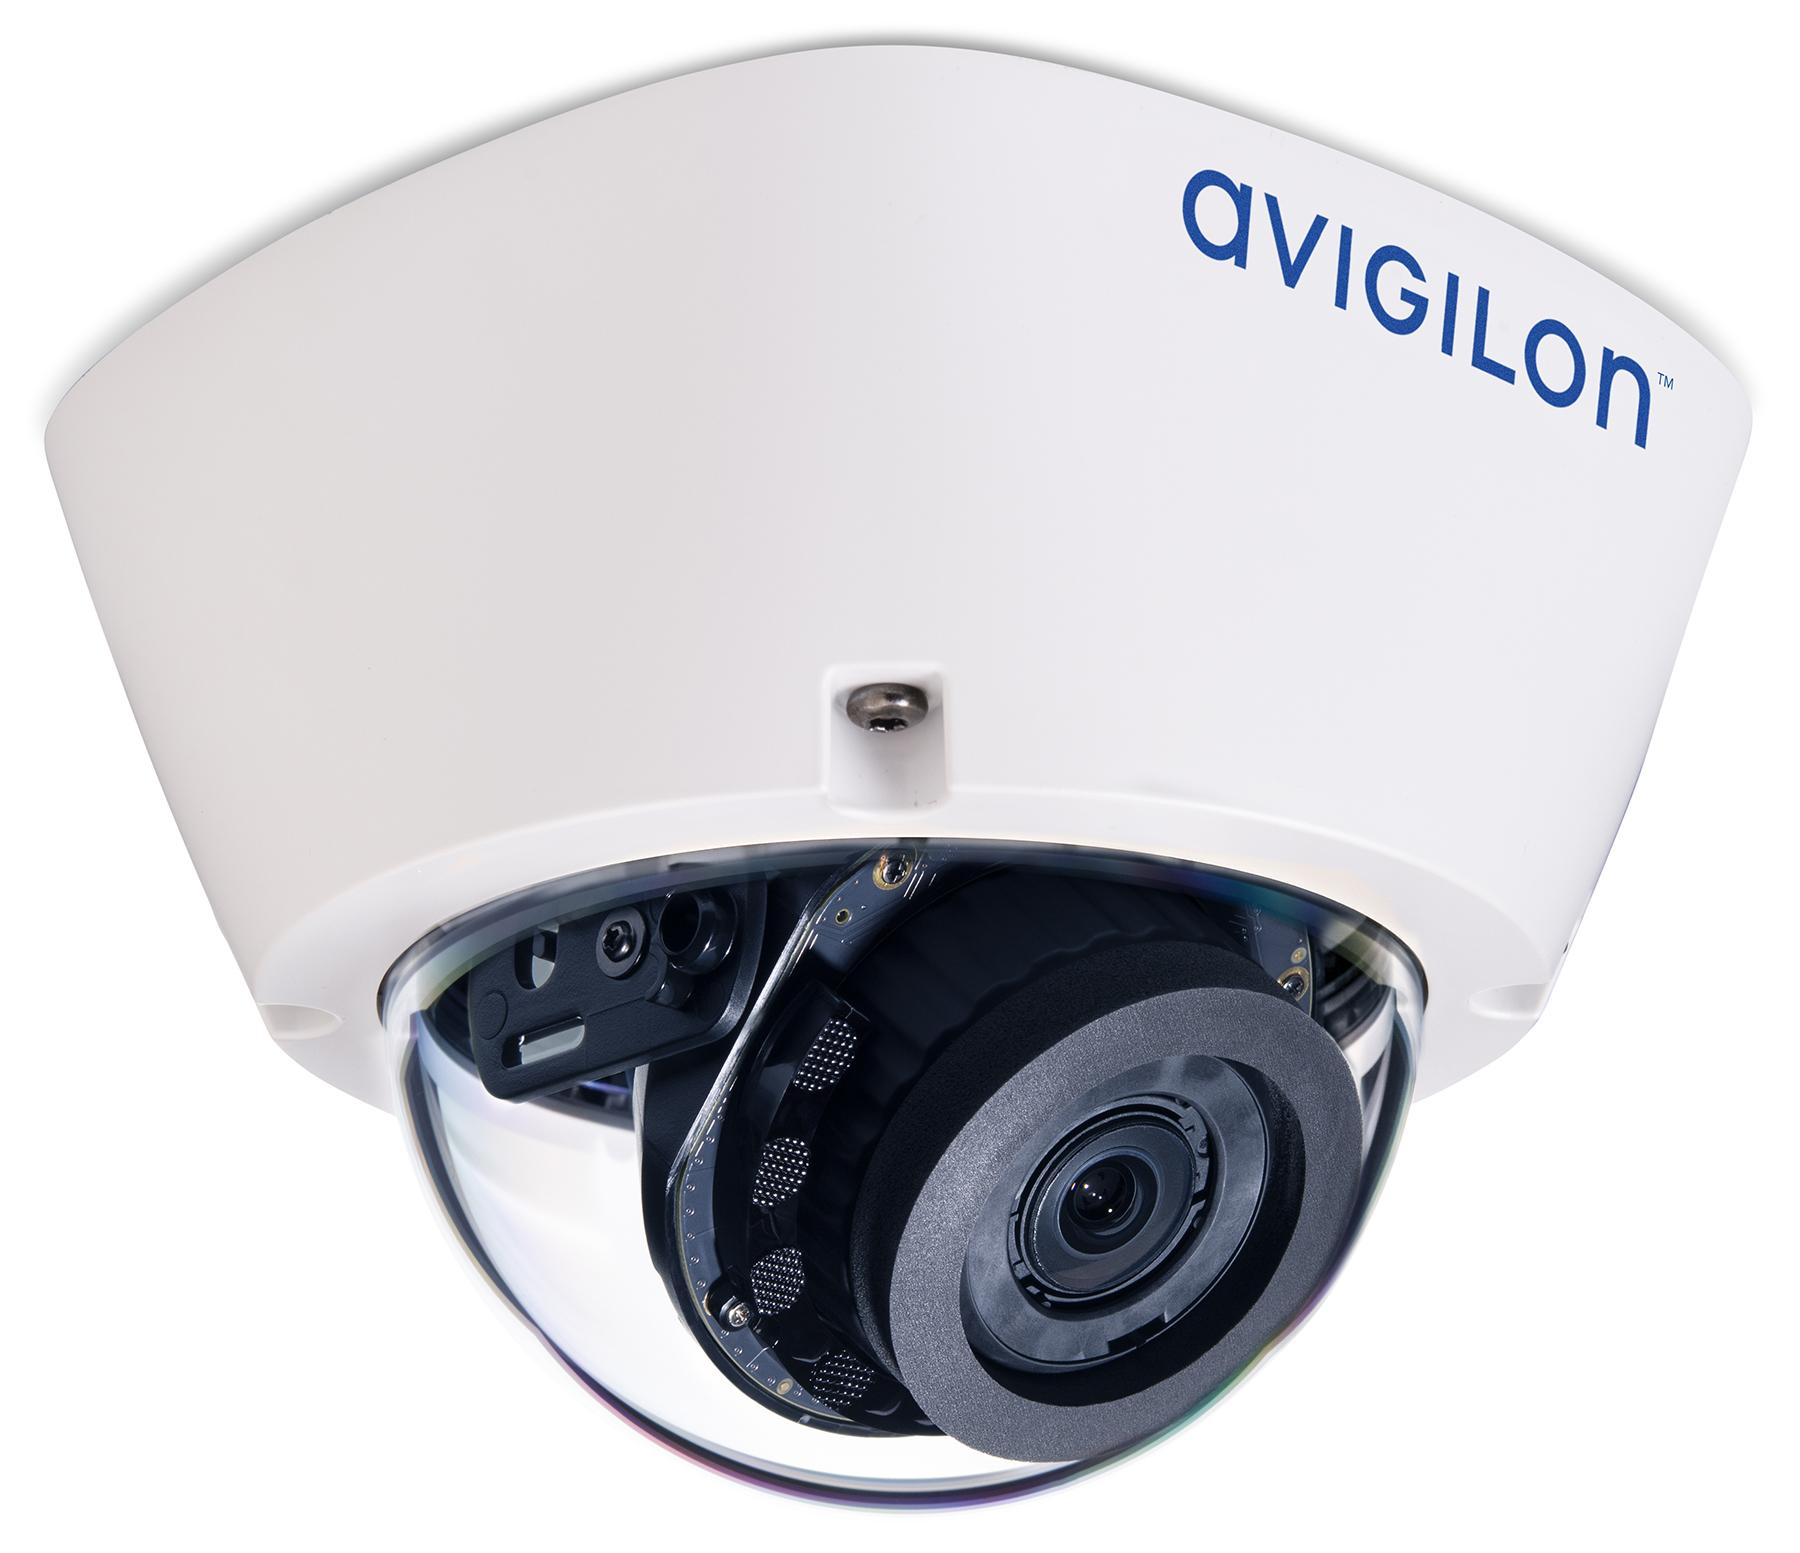 Avigilon H5A Camera IR Dome Angle